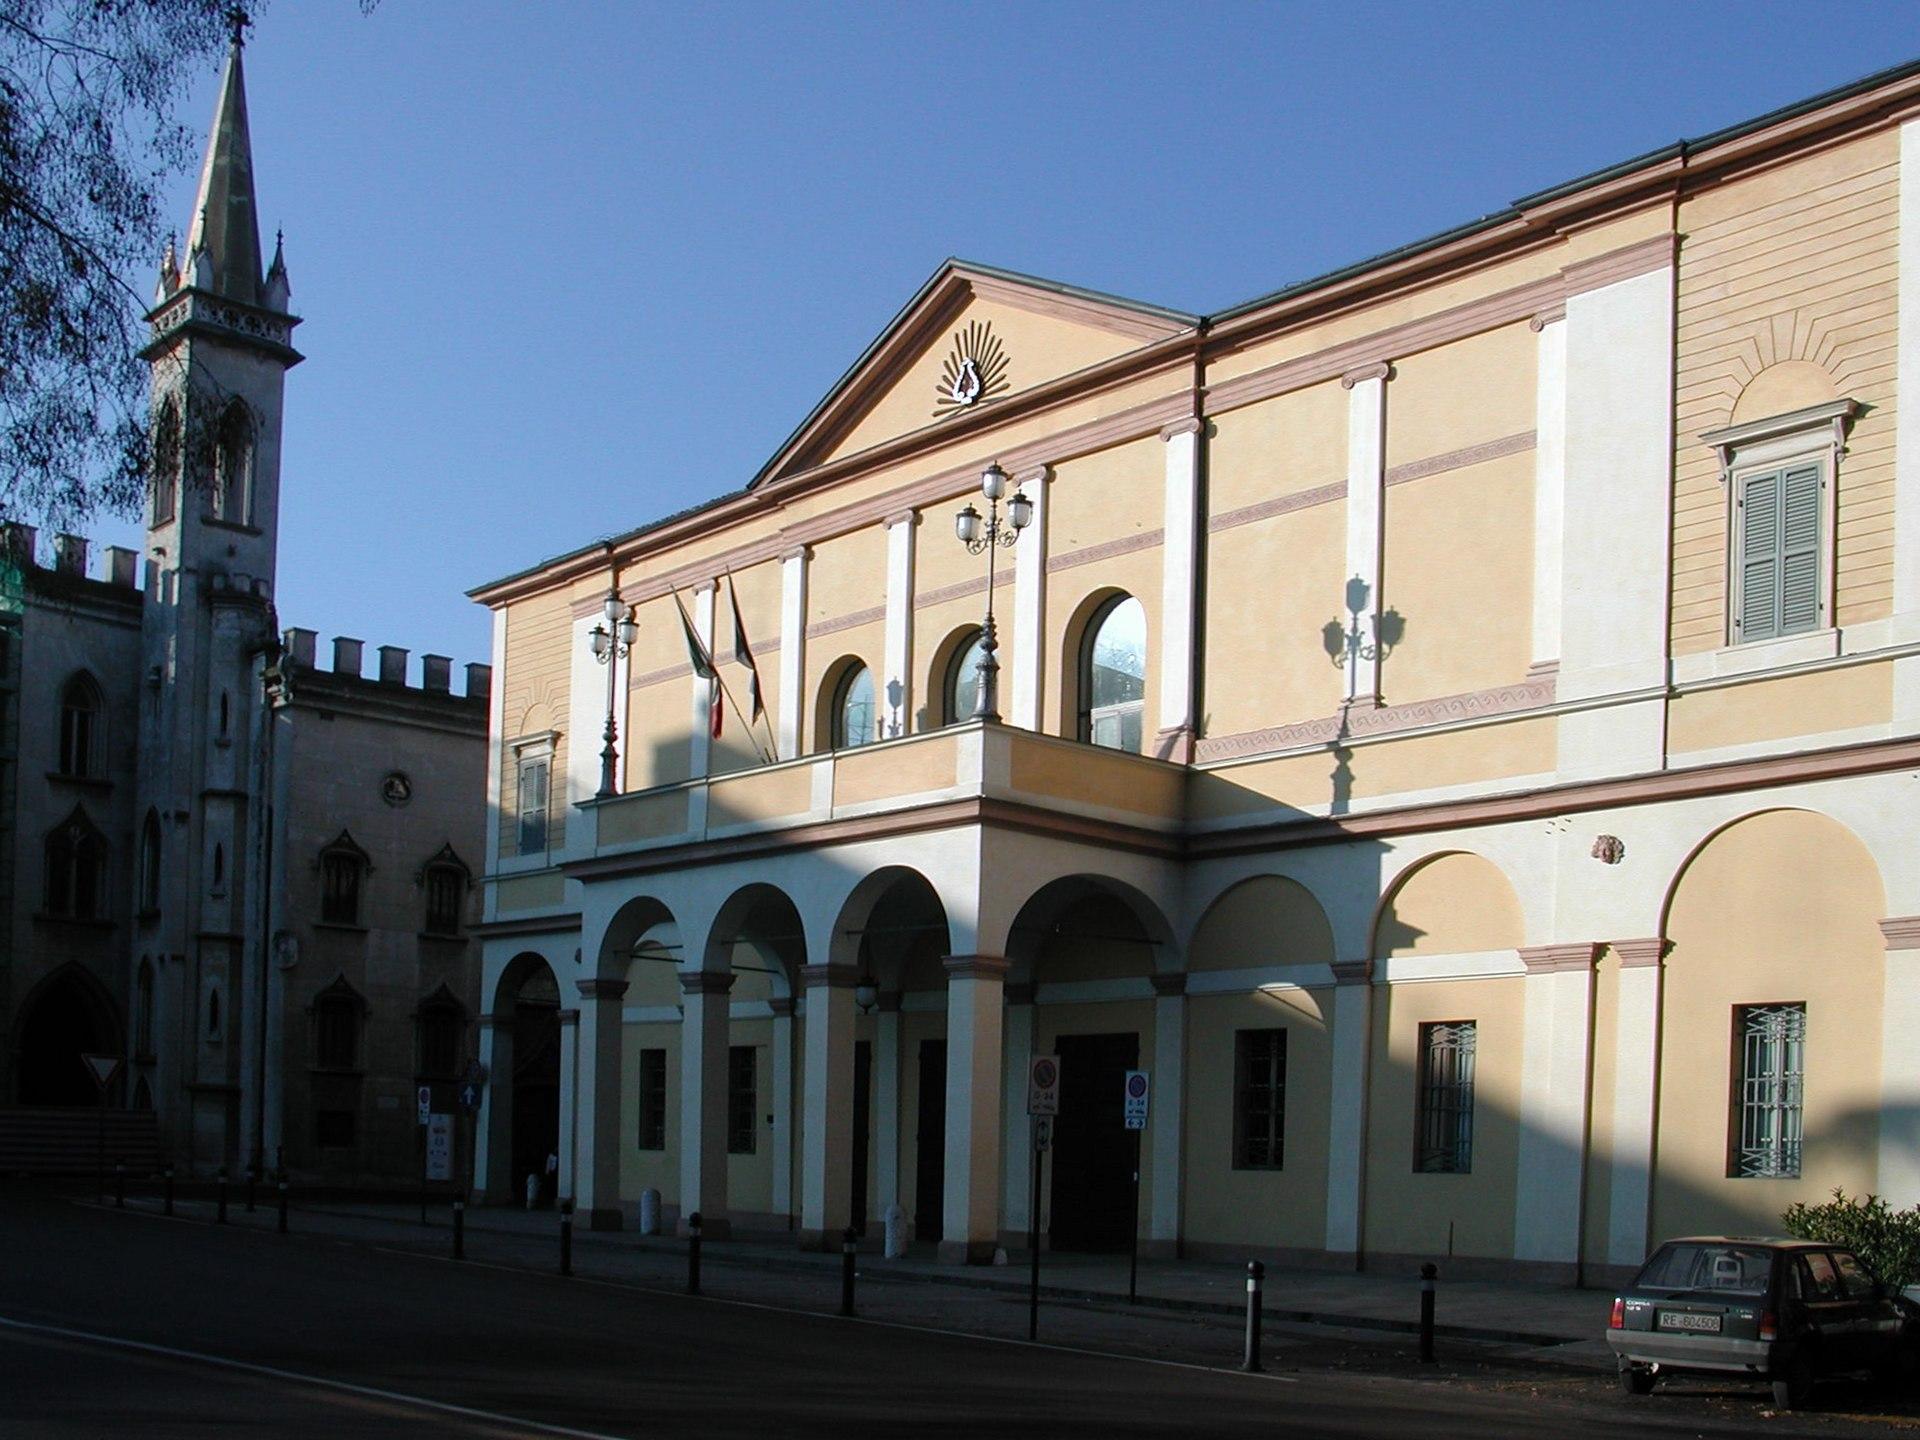 Teatro ariosto wikipedia for Tre stelle arreda reggio emilia